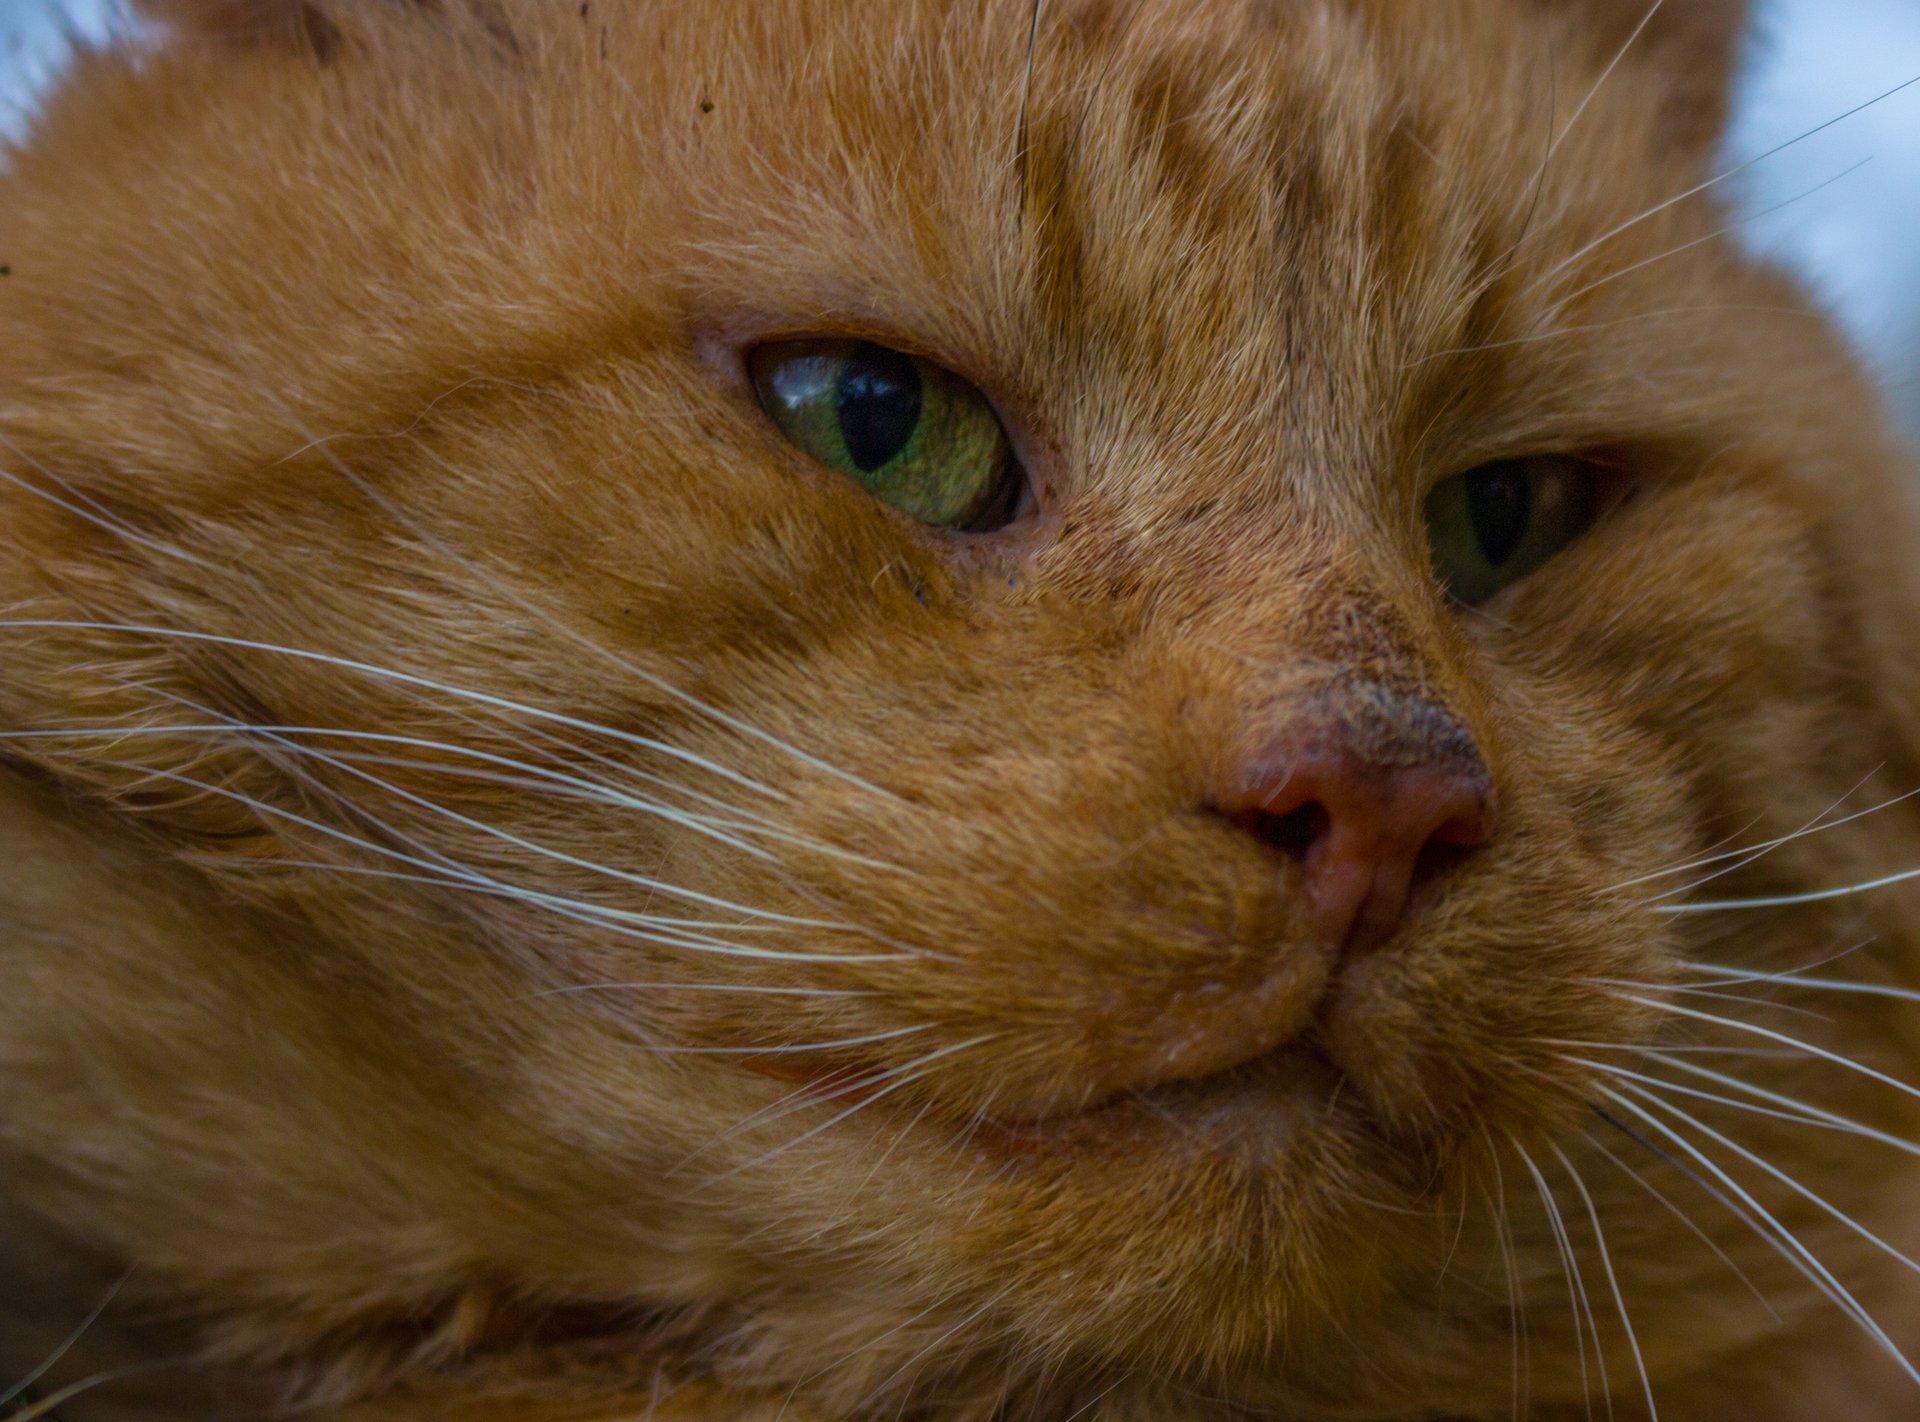 Kocour - close up